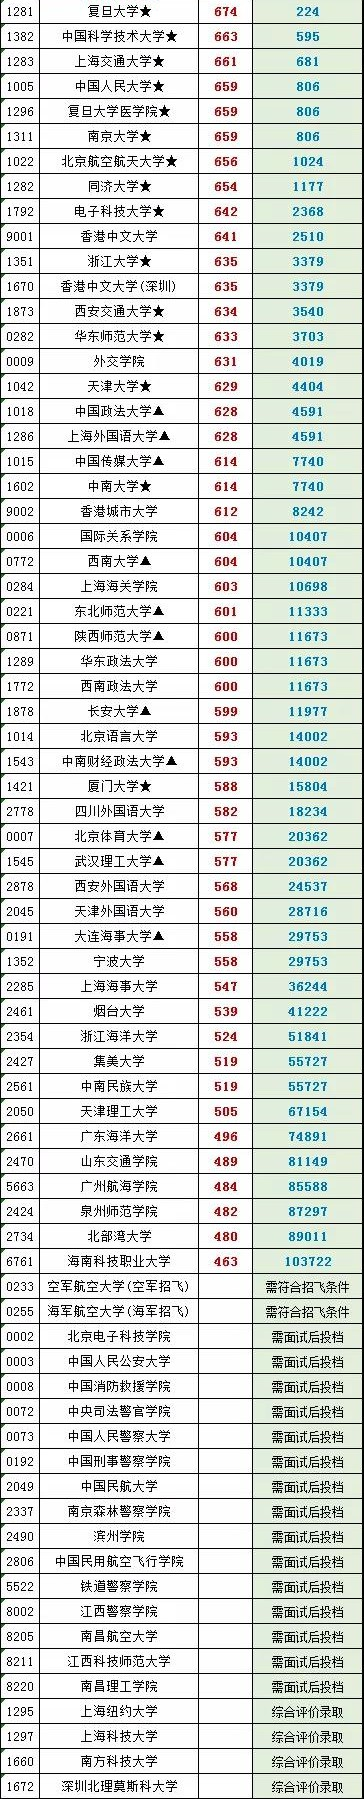 江西省2020年普通高校招生 提前批本科投档情况统计表(理)